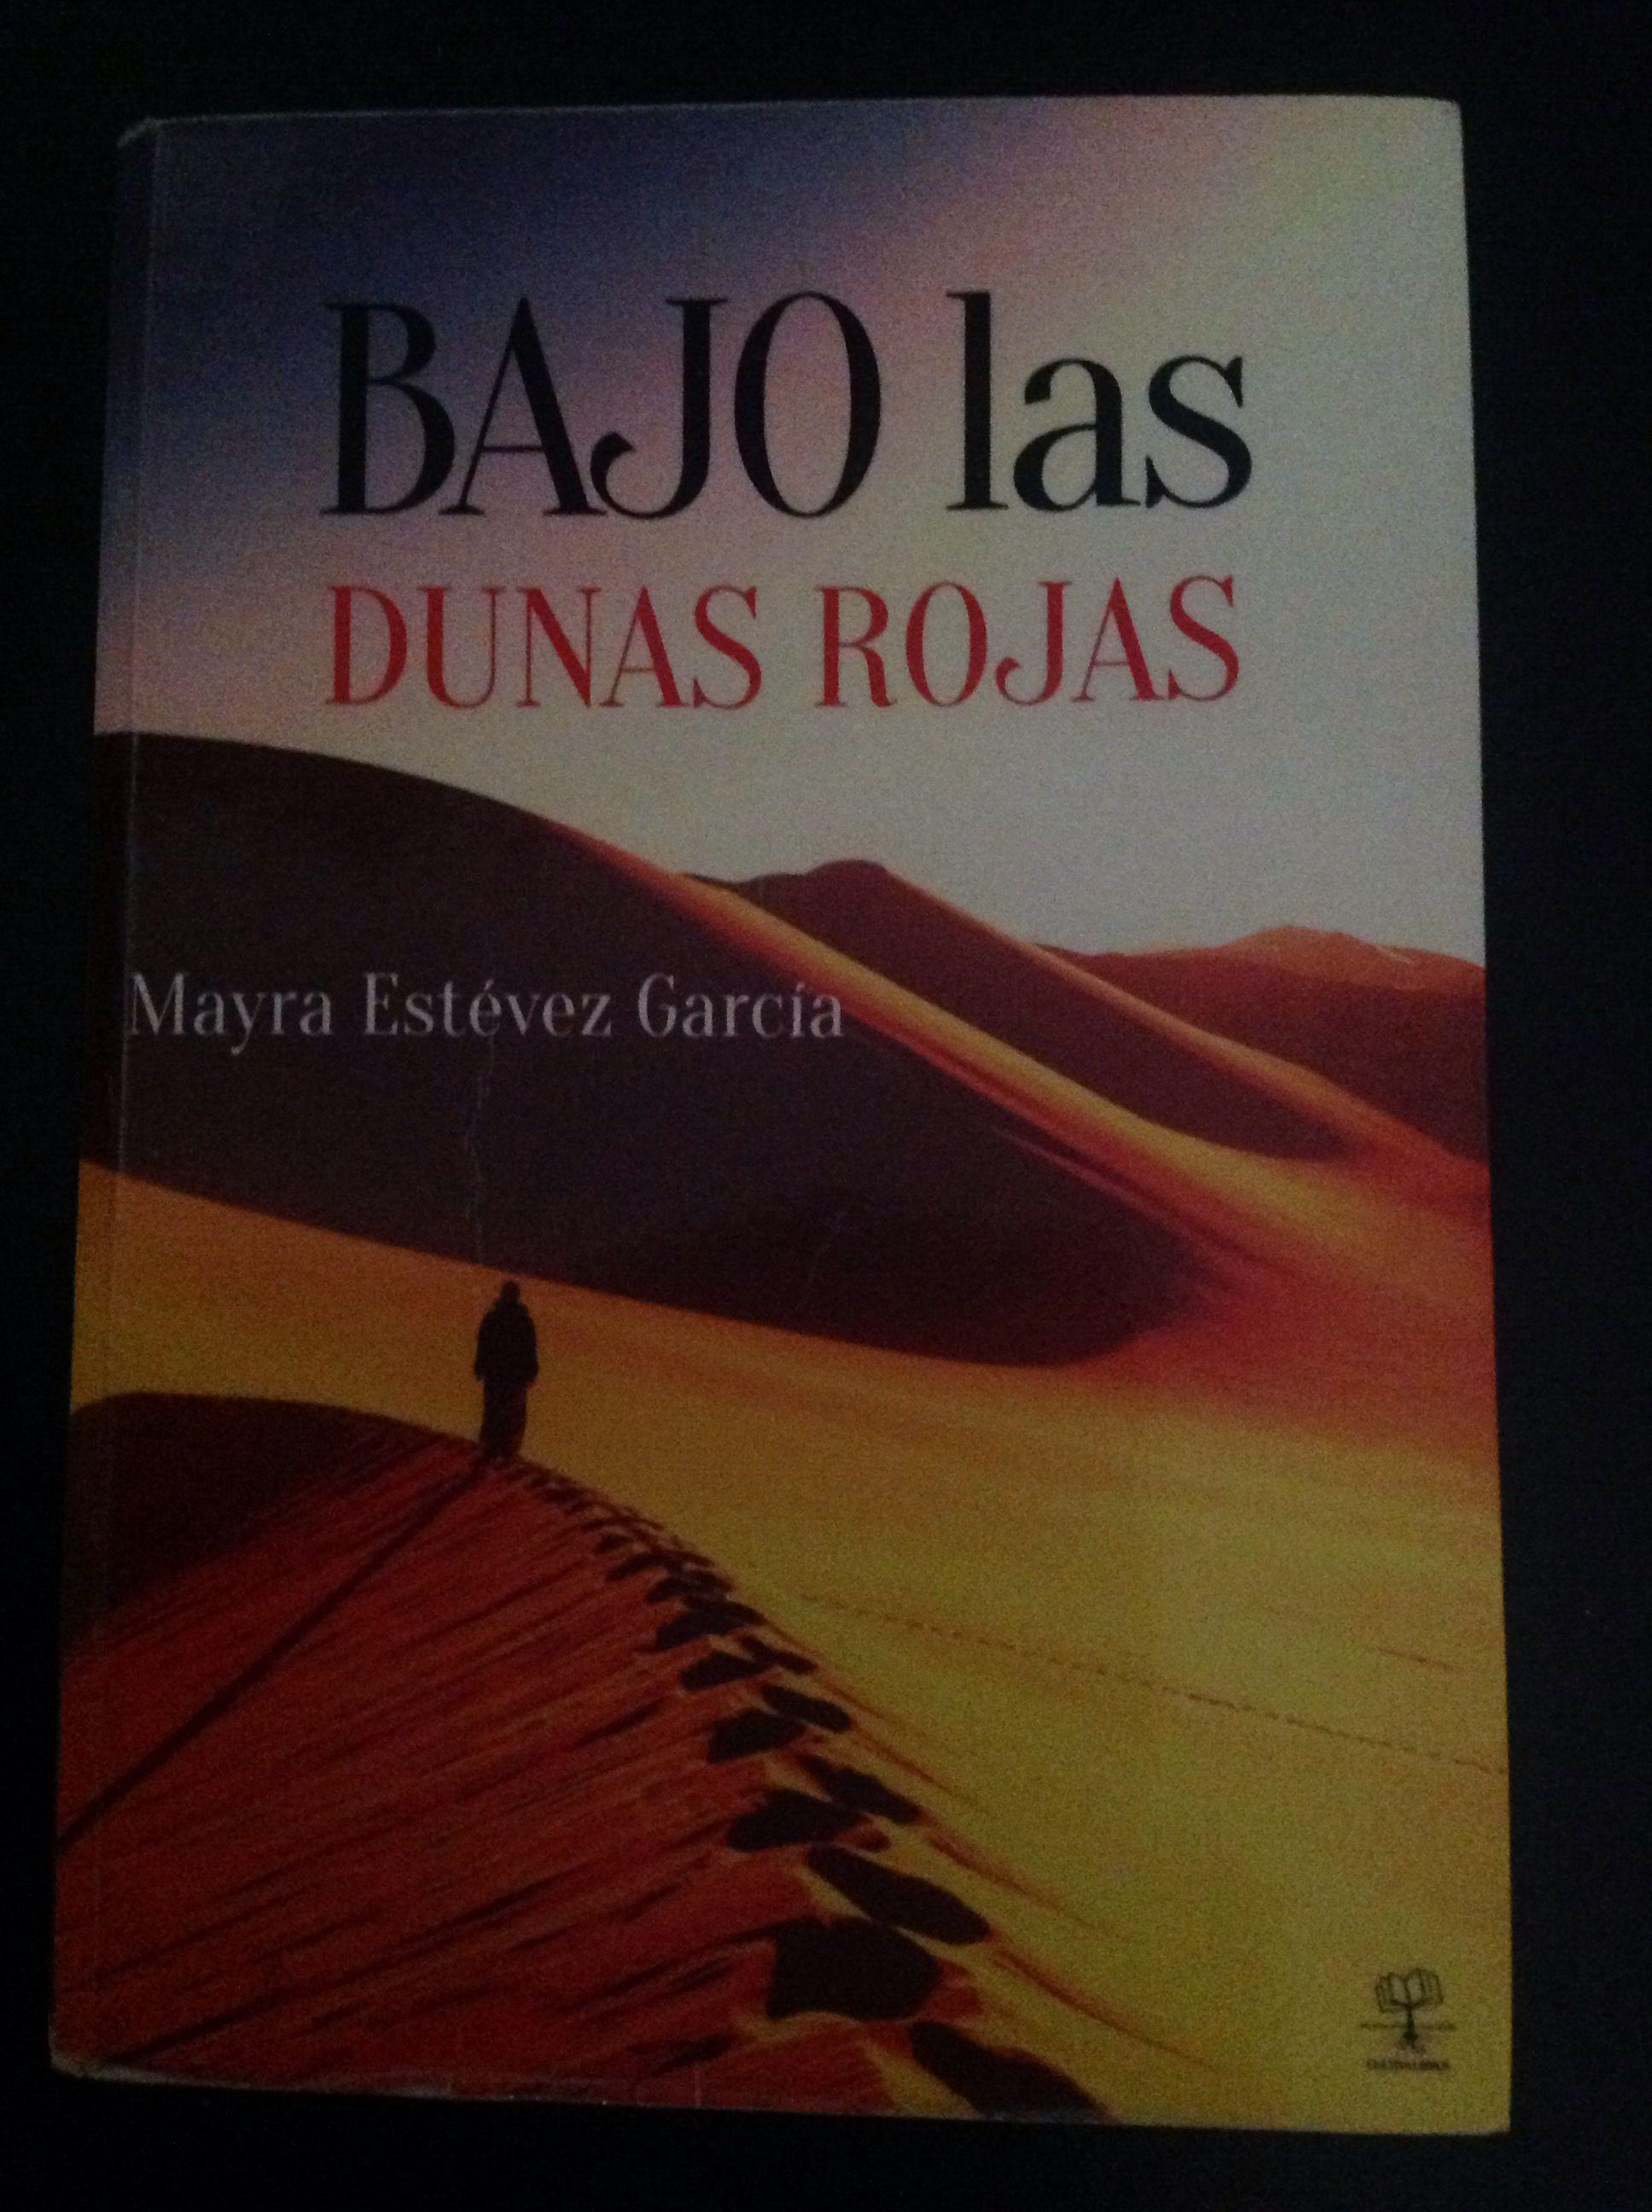 Bajo Las Dunas Rojas Mayra Estevez Garcia Descargar Libros En Pdf Libros Gratis Descargar Libros Gratis